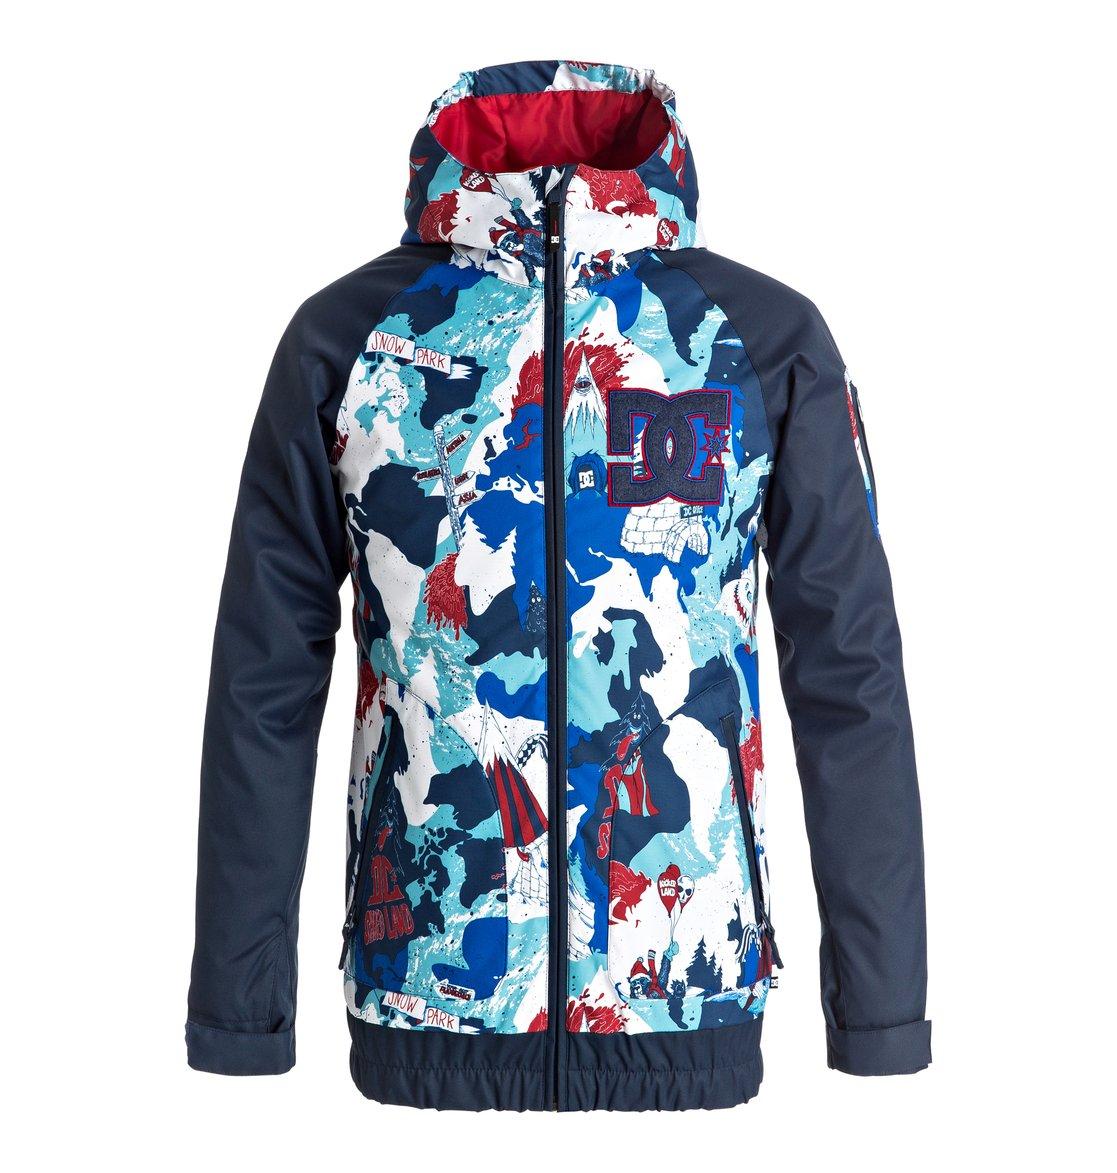 Сноубордическая куртка Troop от DC Shoes